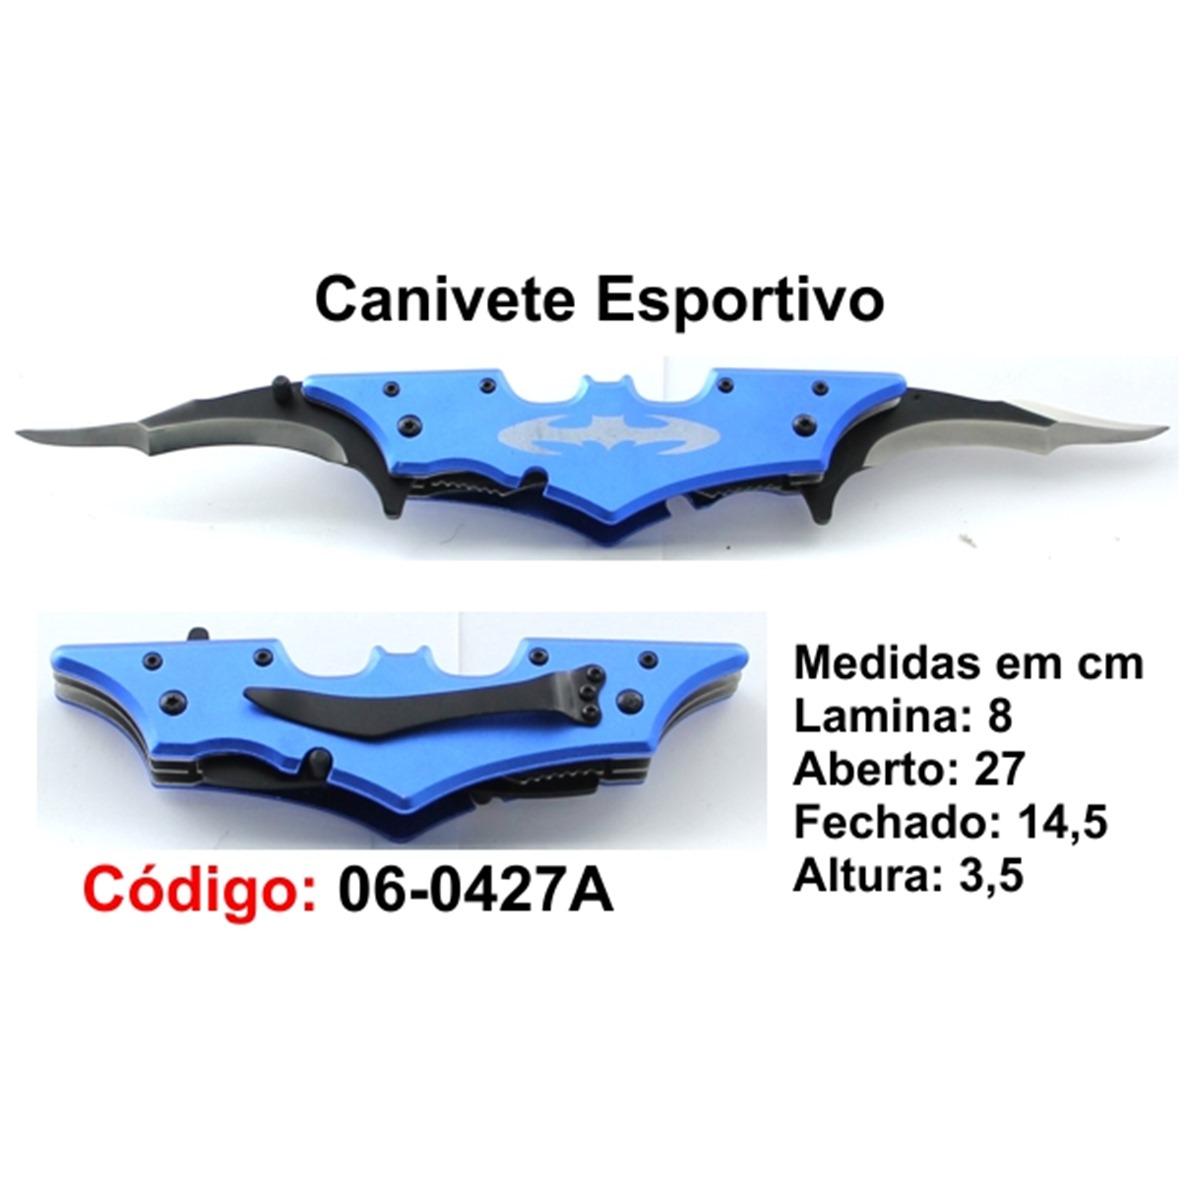 Canivete Esportivo Caça Pesca Etc. 06-0427A